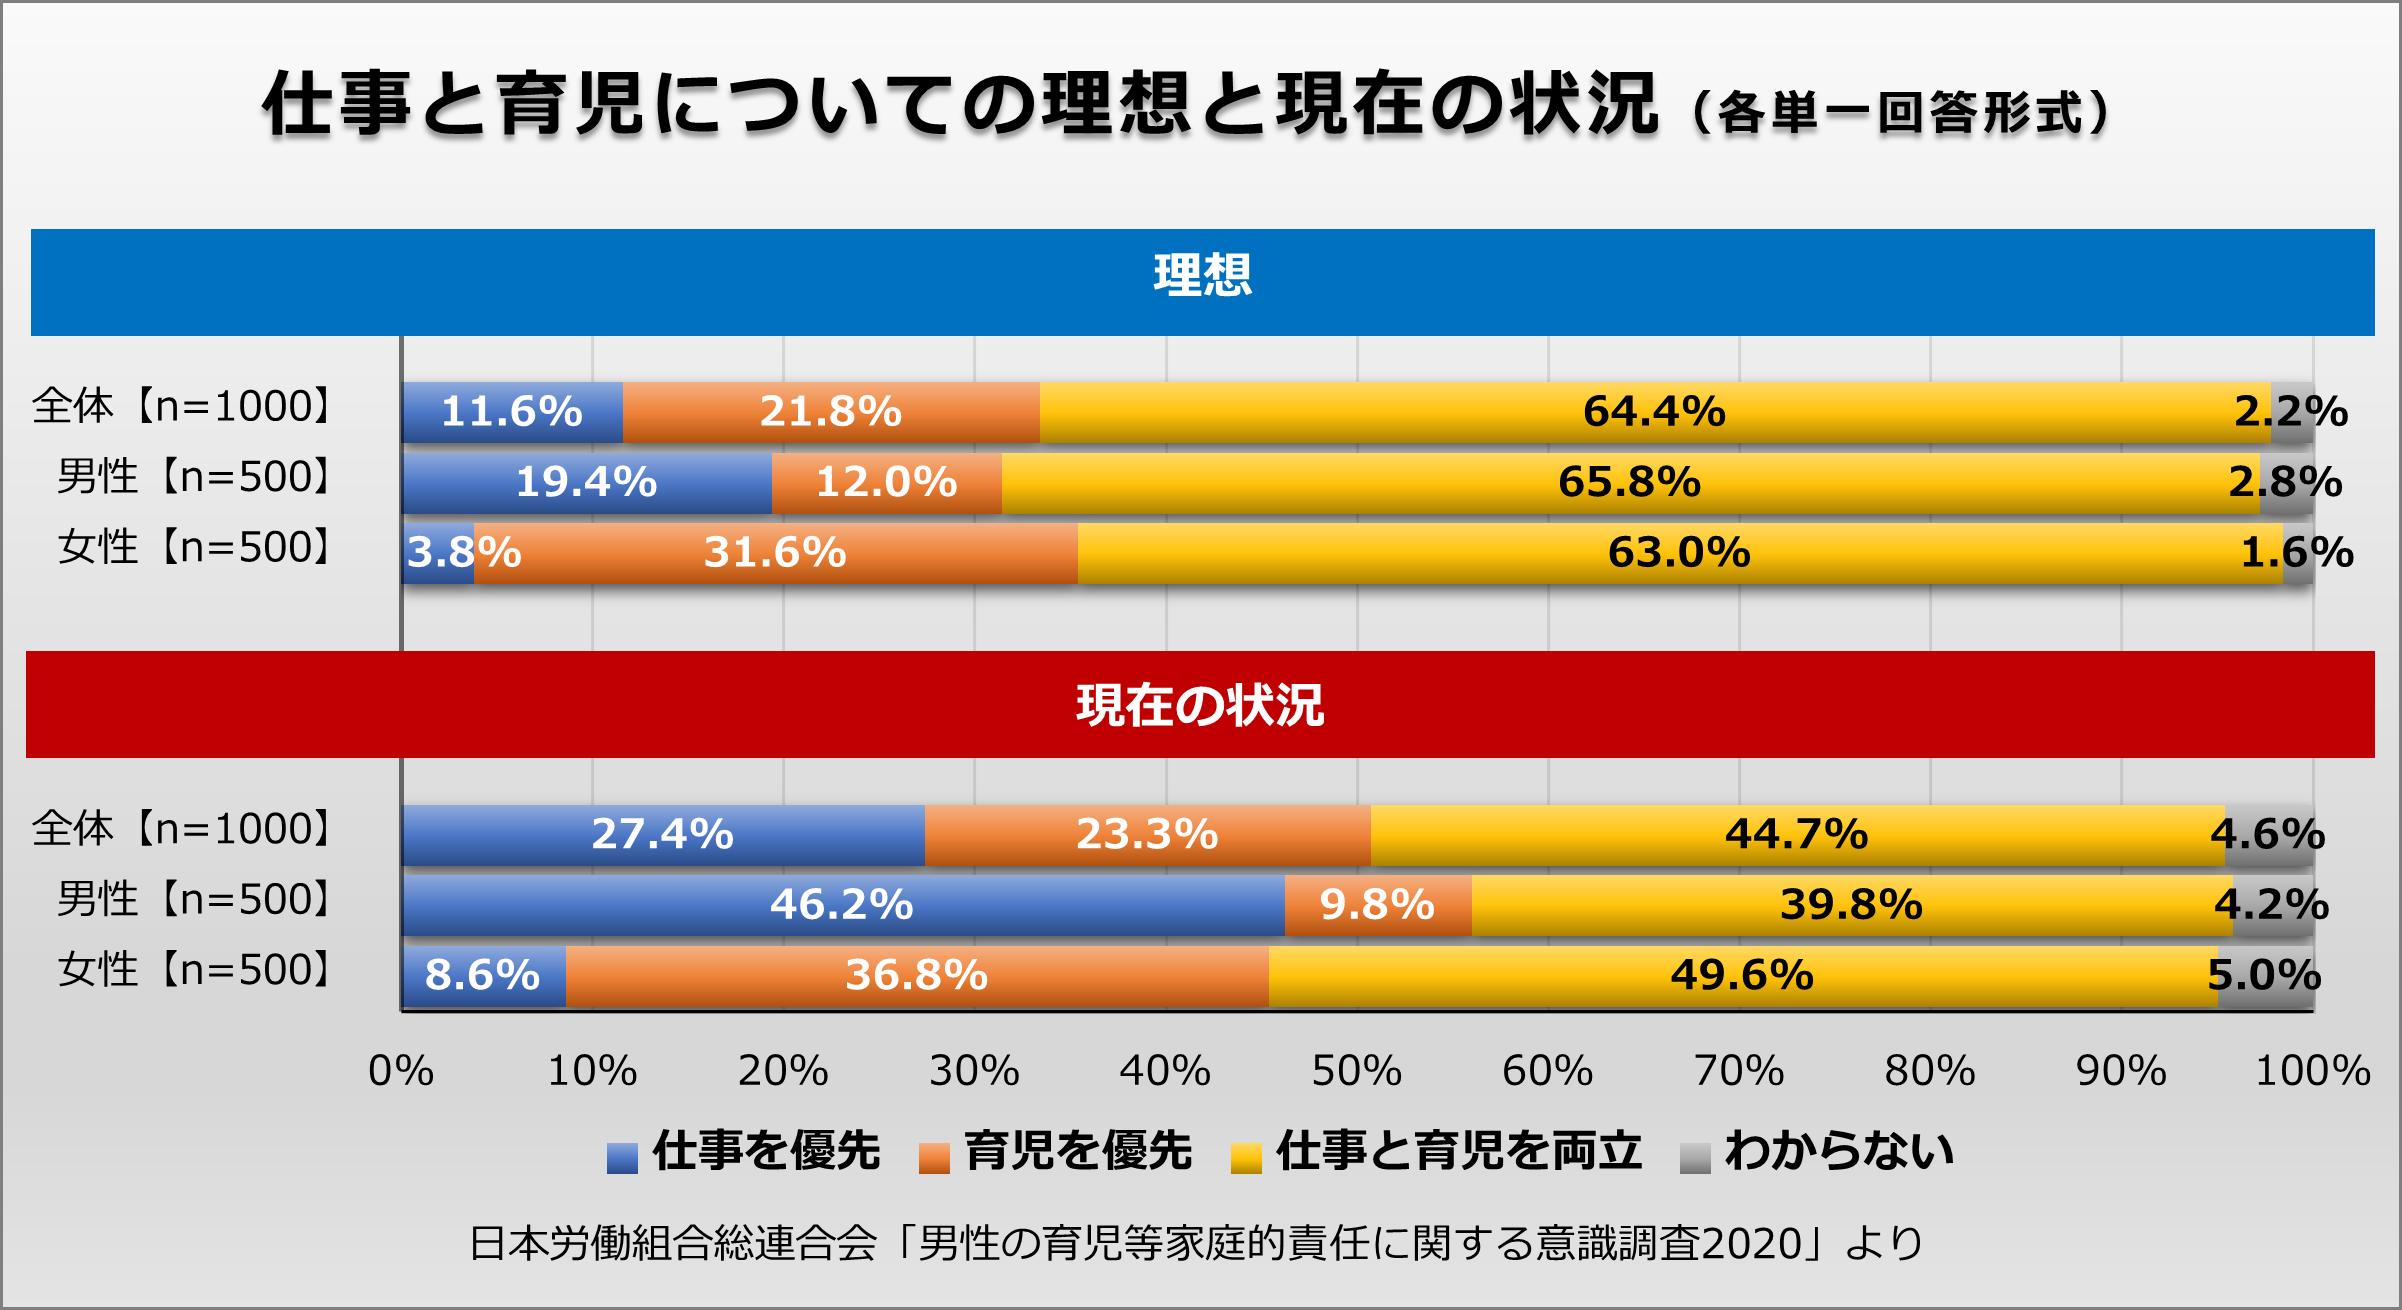 仕事と育児についての理想と現在の状況について、男女各500名が仕事を優先・育児を優先・仕事と育児を両立・わからないの4択単一回答方式で回答し、男女別に集計したグラフ。日本労働組合総連合会「男性の育児等家庭的責任に関する意識調査2020」より